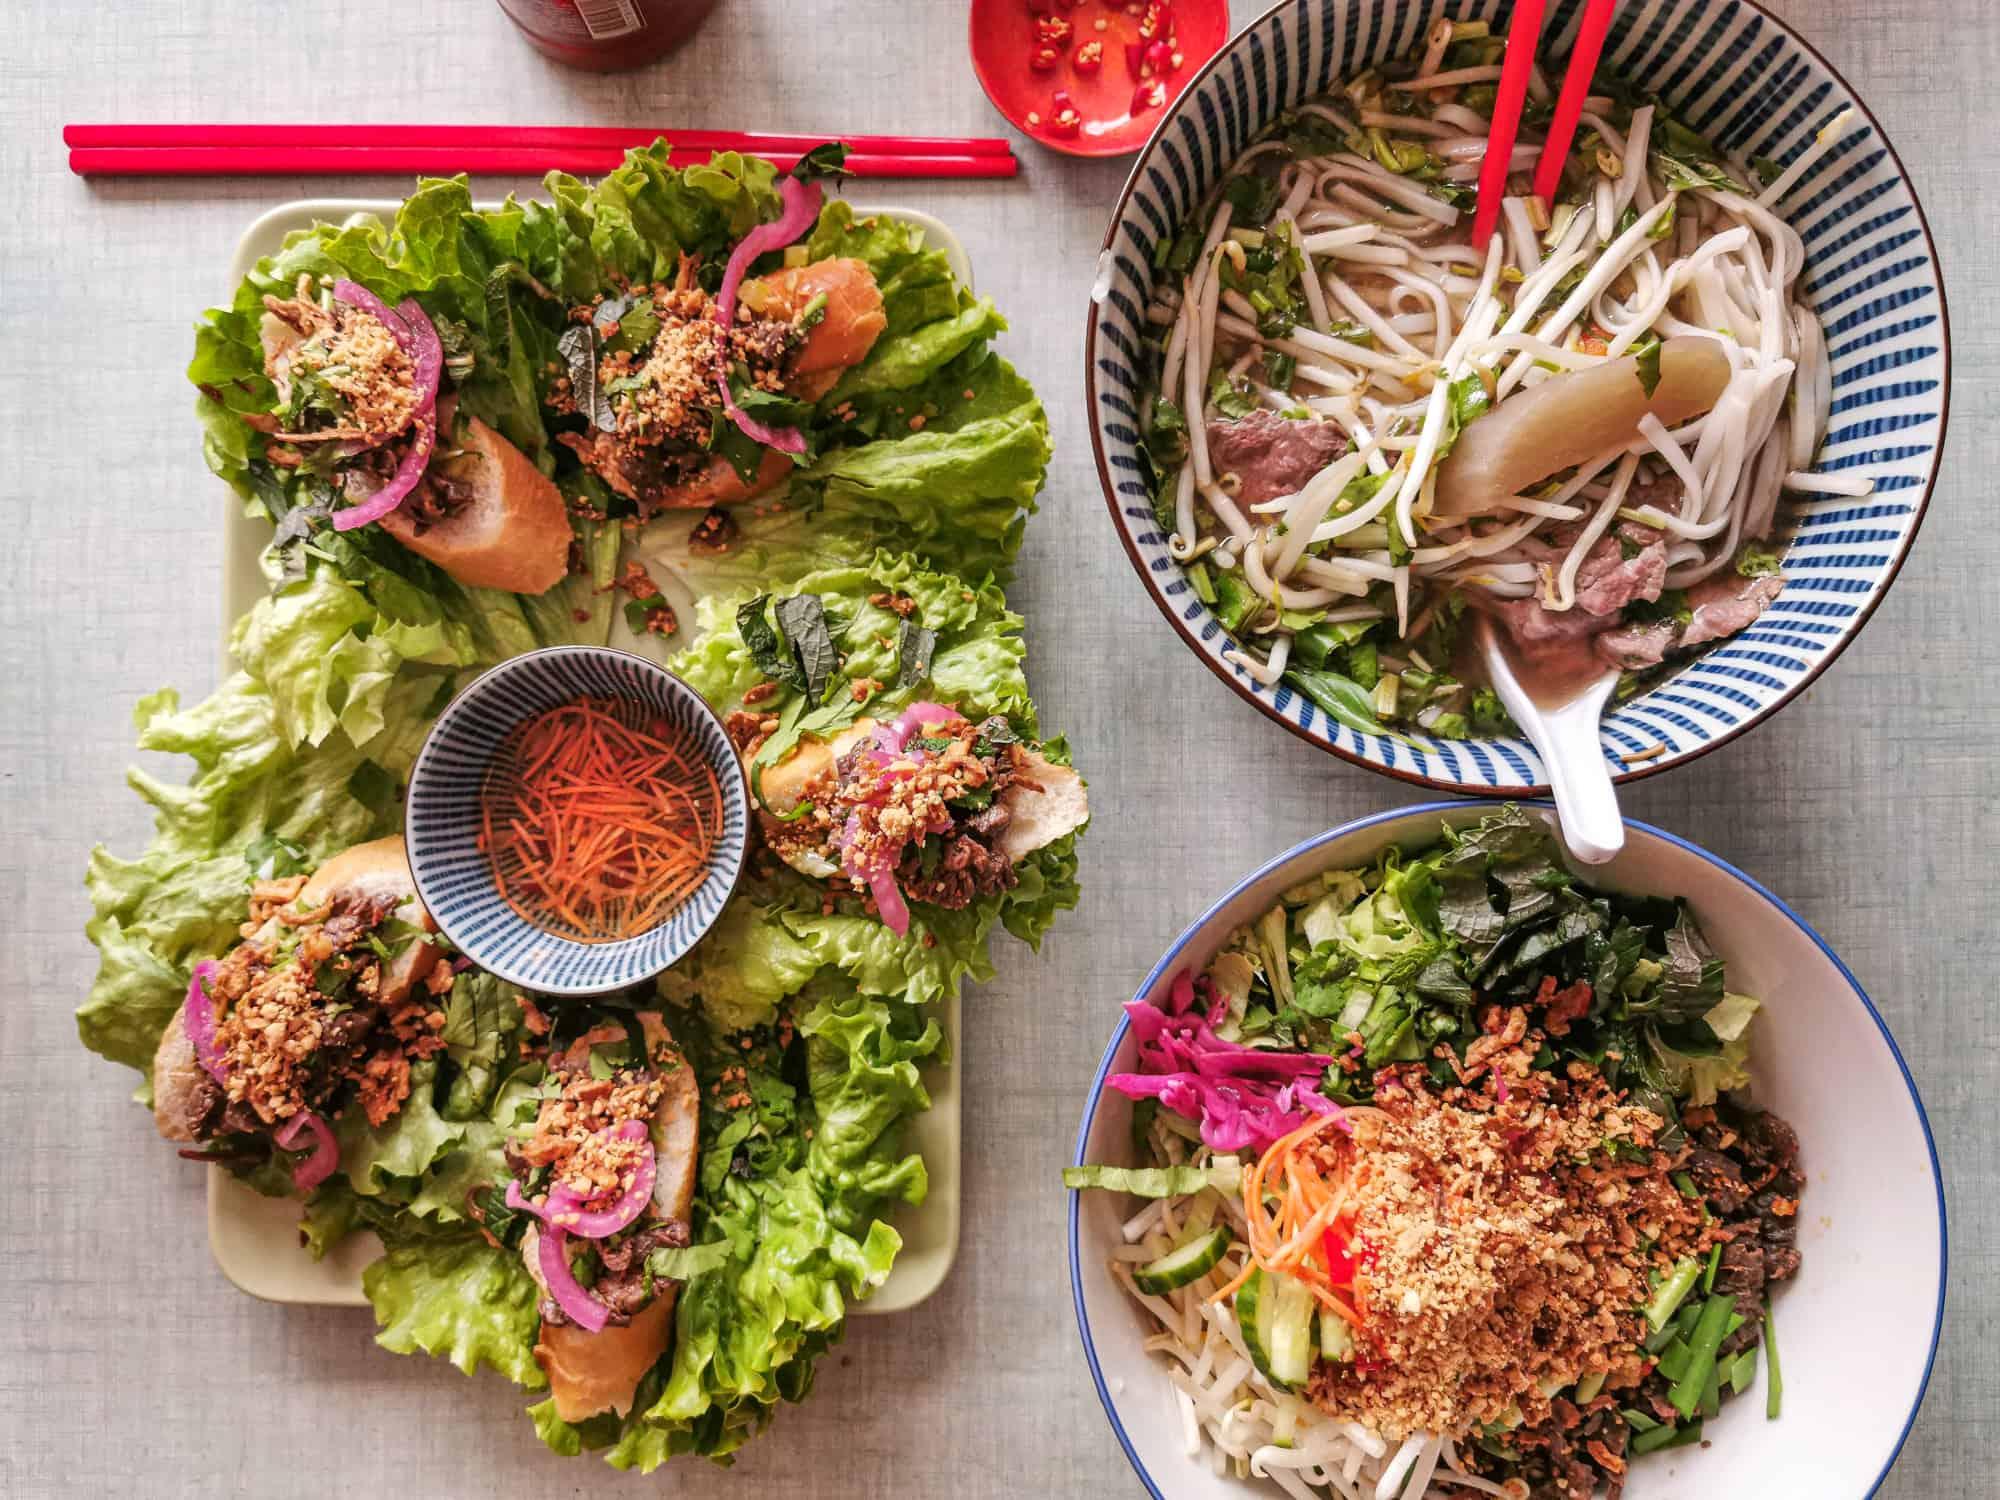 ca-phe-broc-ouest-restaurant-vietnamien-paris-14-bouiboui-22